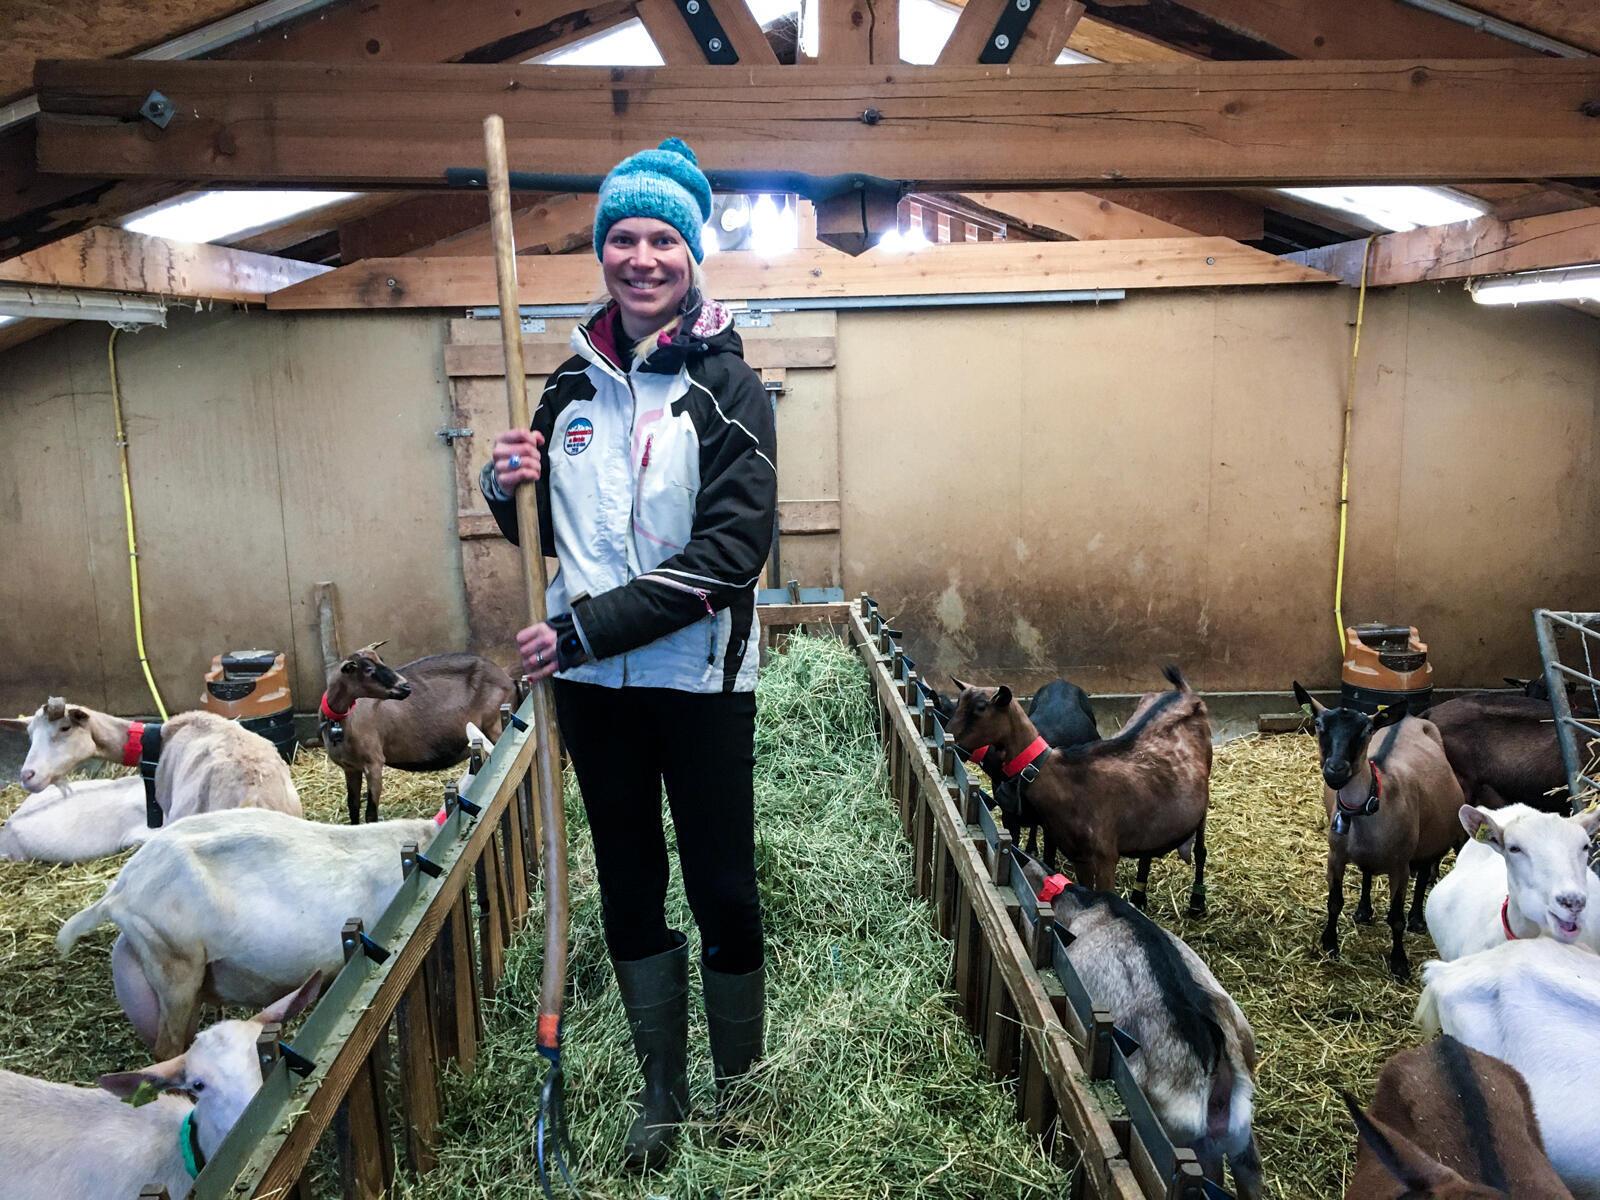 Флави Мелендез-Риголь — хозяйка фермы «Цветущие камни» в Сен-Жерве. По первой профессии она медсестра скорой помощи, она и сейчас половину времени работает в травмпункте, — ферма пока не приносит доход, которого бы хватило и для себя, и на зарплаты сотрудникам.